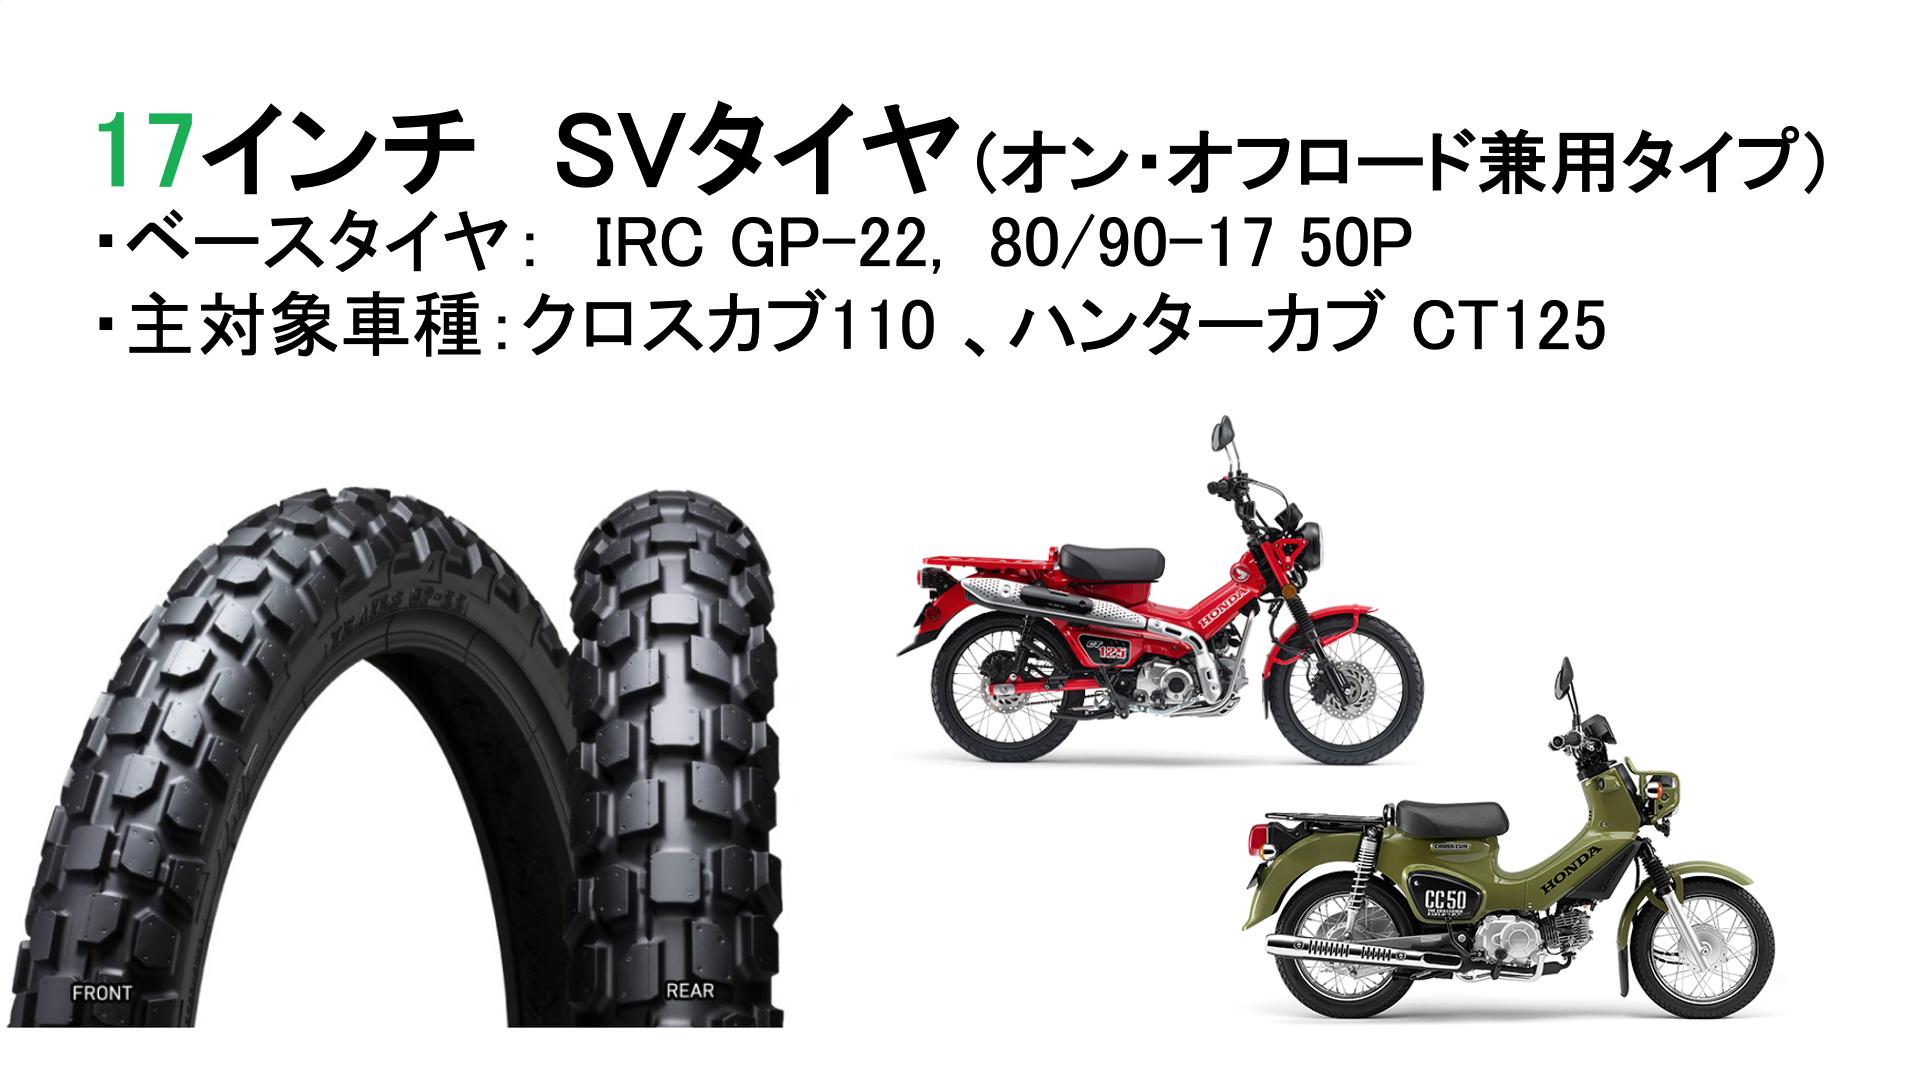 サバイバルタイヤ(IRC GP-22, 80/90-17)